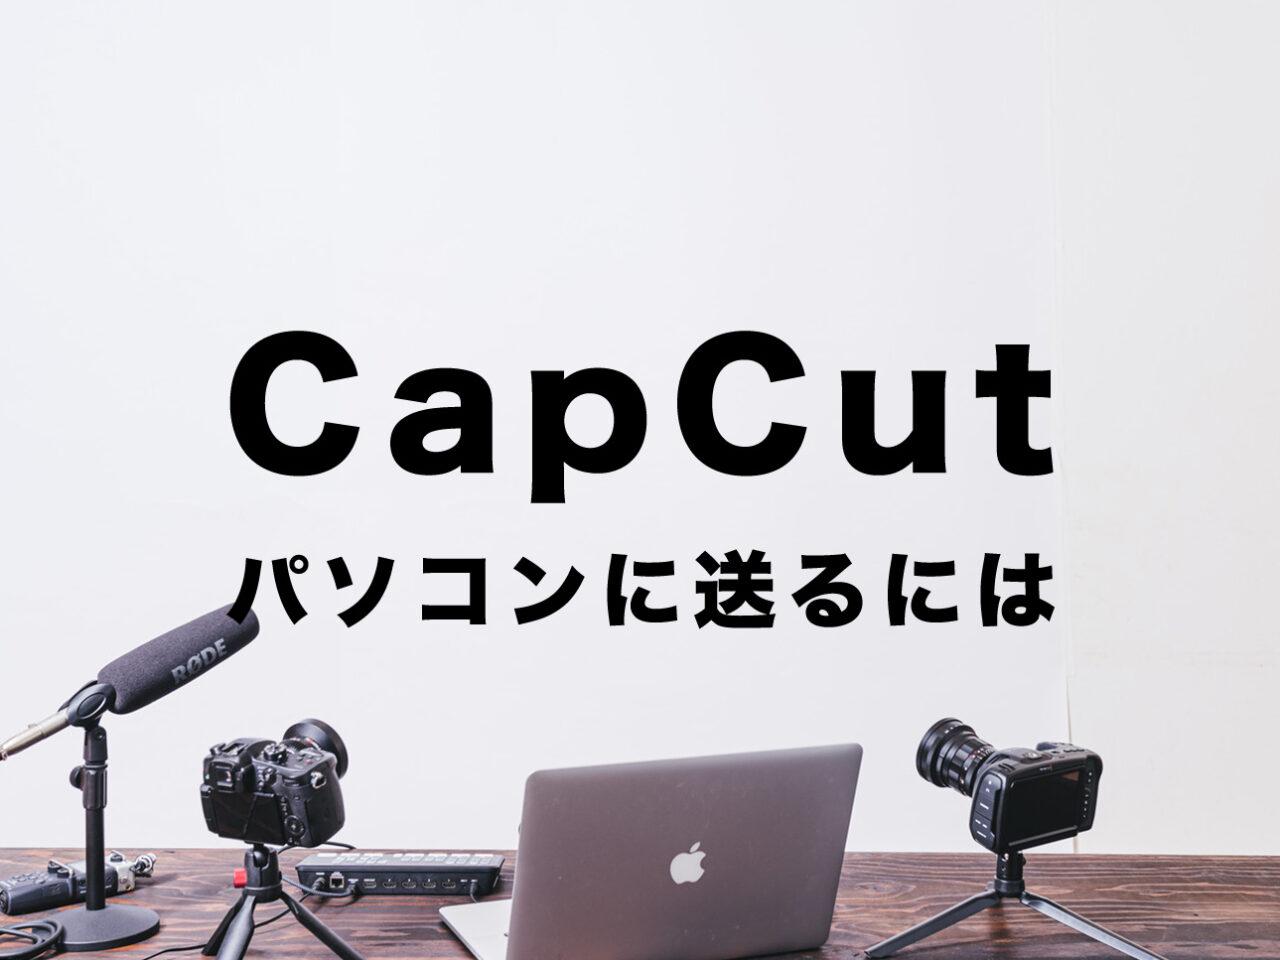 CapCut(キャップカット)でパソコンに送る&PCに保存する方法は?のサムネイル画像